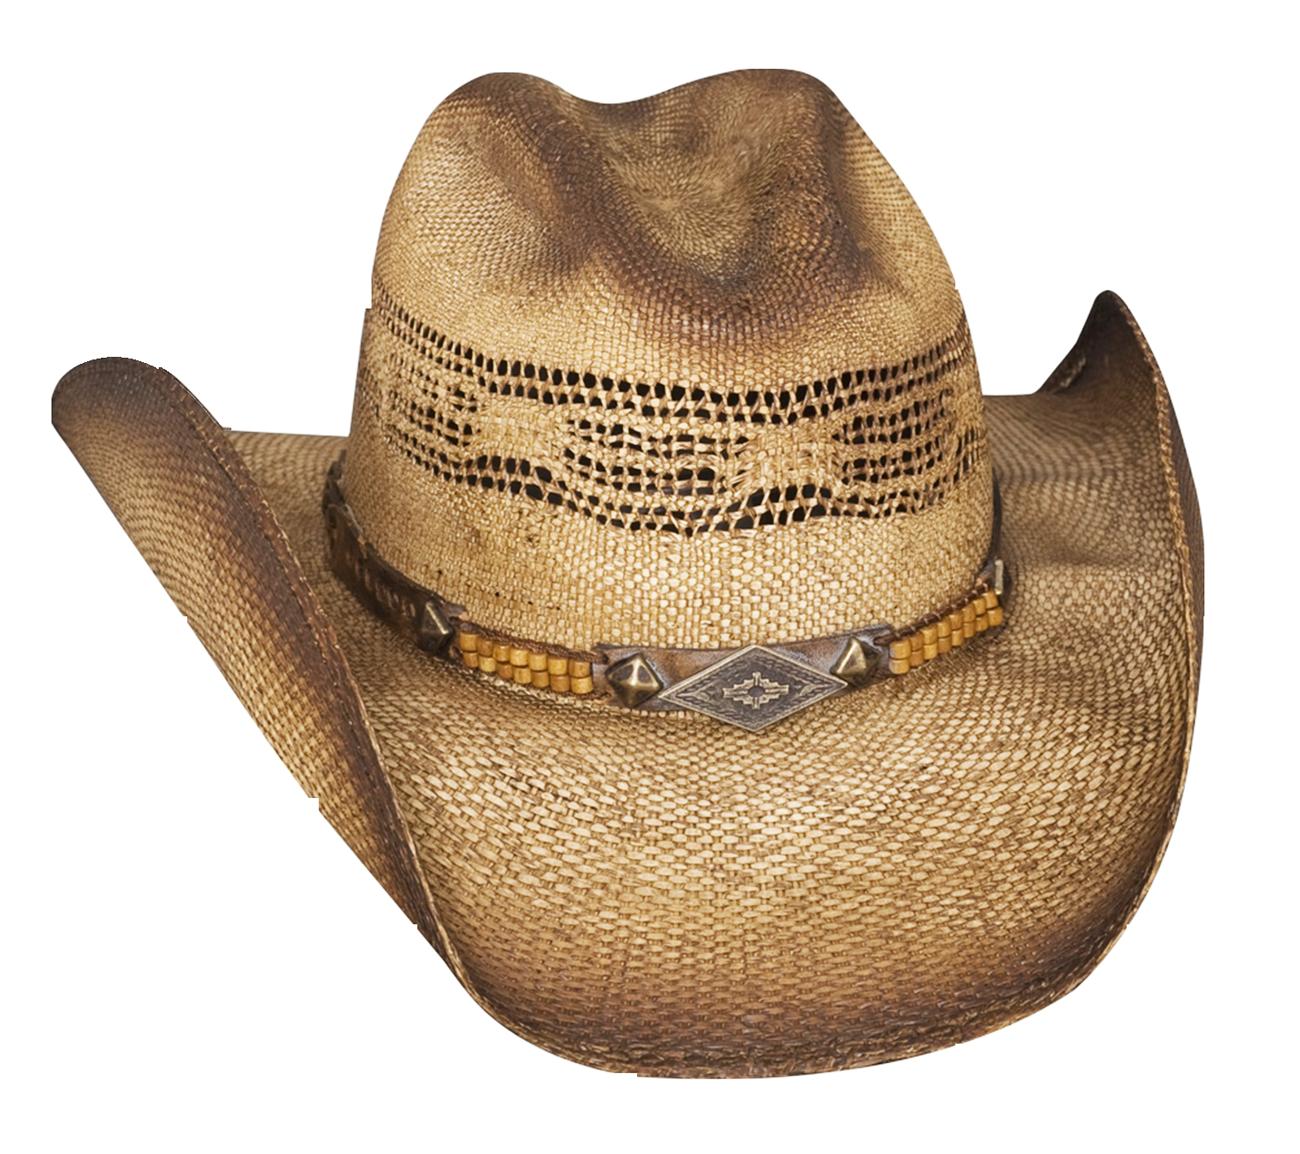 Cowboy clipart ten gallon hat. Png transparent free images